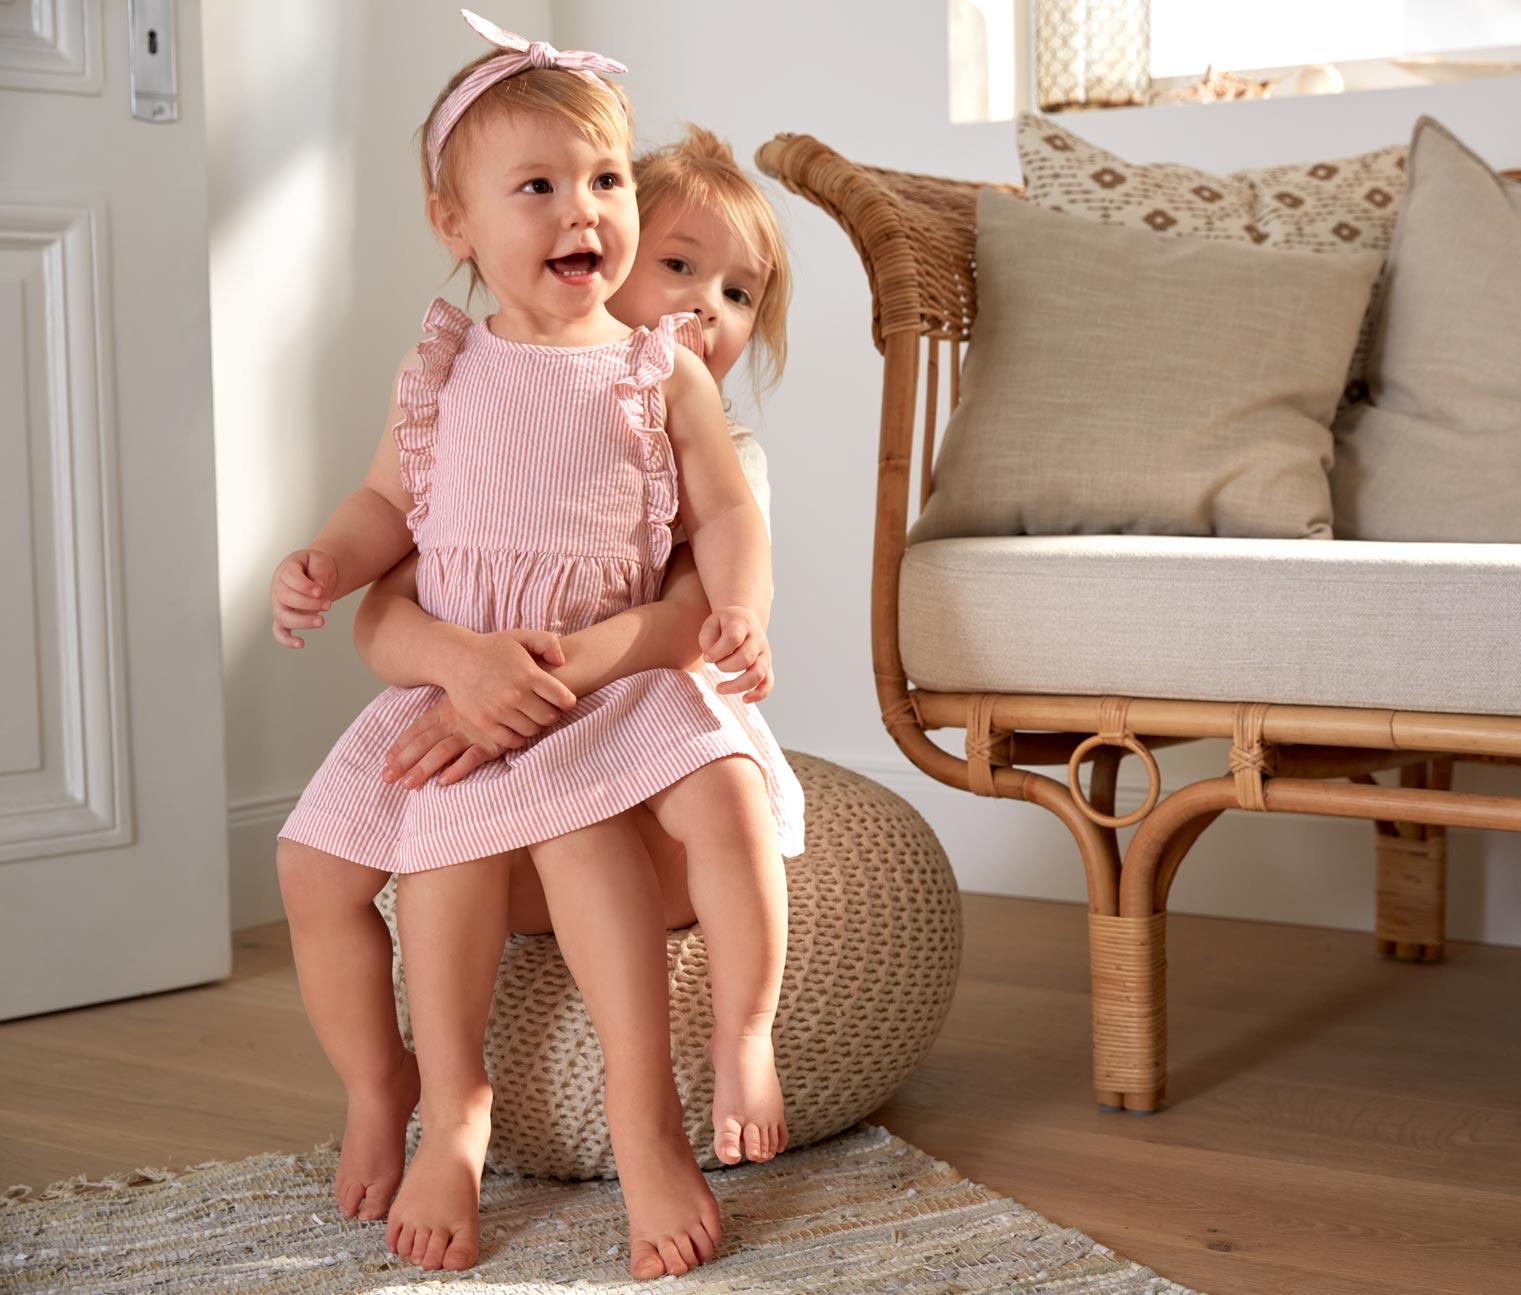 Image of Baby-Baumwollkleid mit Haarband